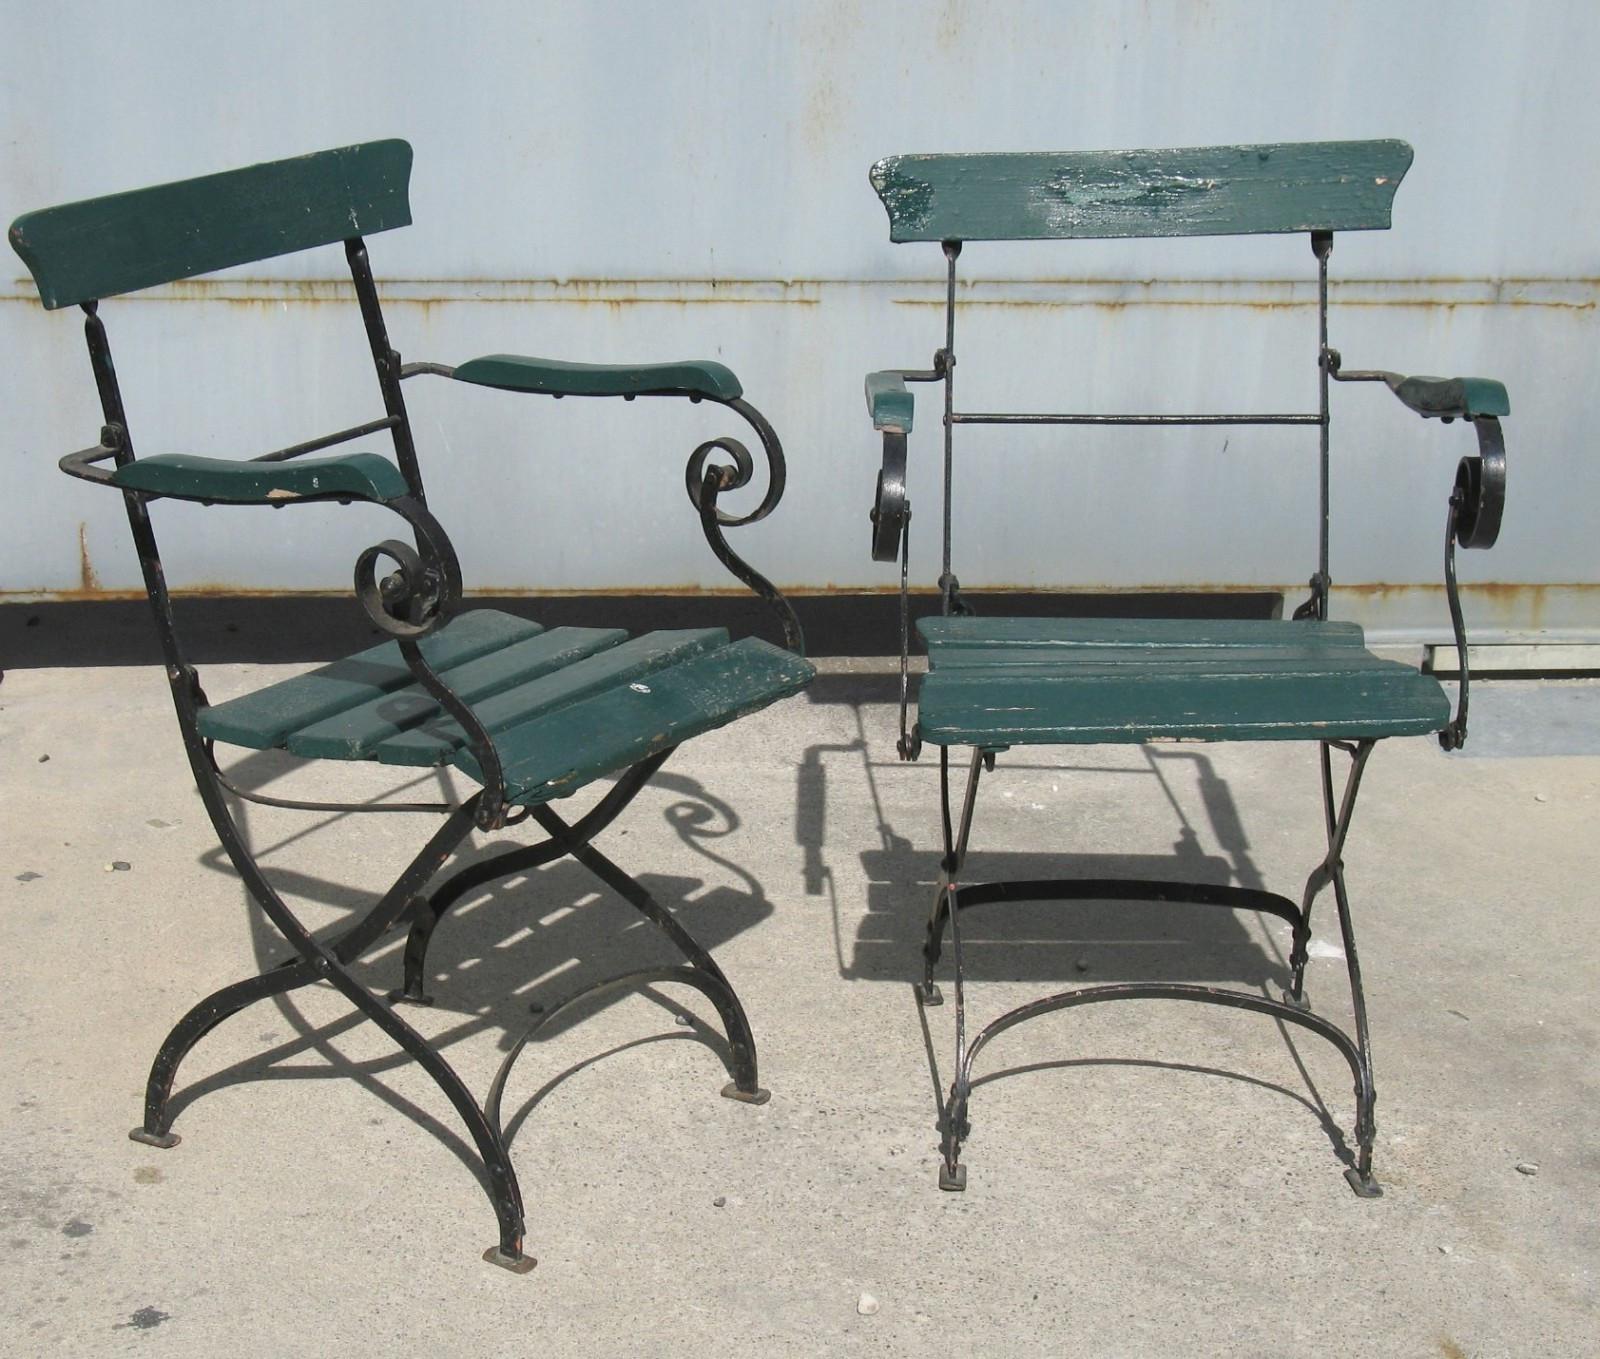 Catalogue La Foirfouille Inspirant Photos Table De Jardin La Foir Fouille Aussi Luxe Moderne Chaise Foir